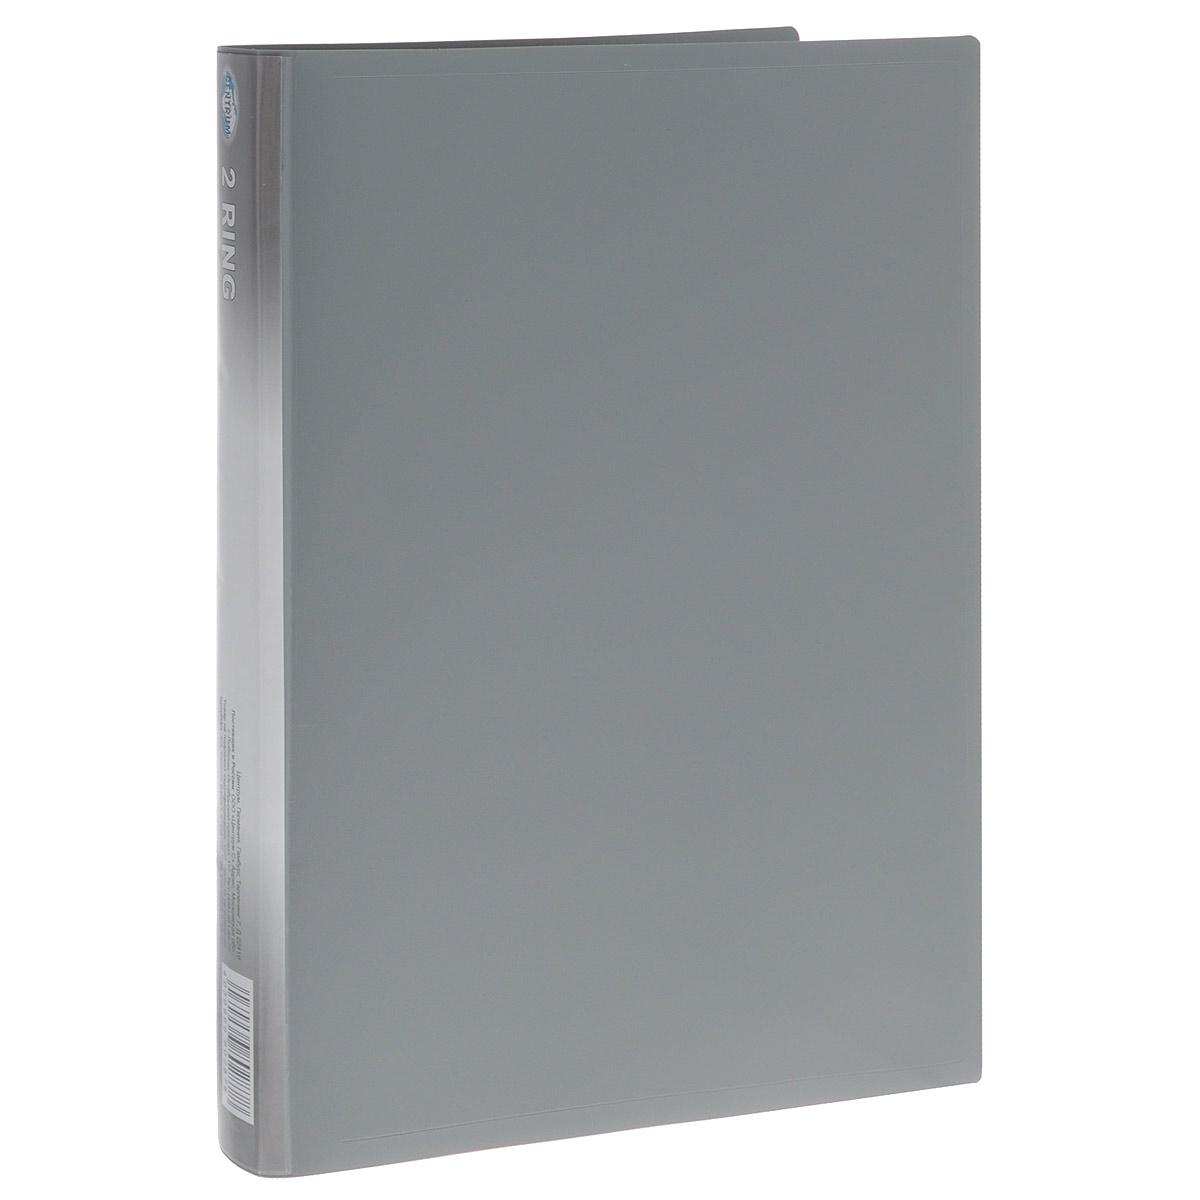 Папка Centrum на кольцах, цвет: серый. Формат А4 centrum папка уголок lily формат а4 цвет сиреневый